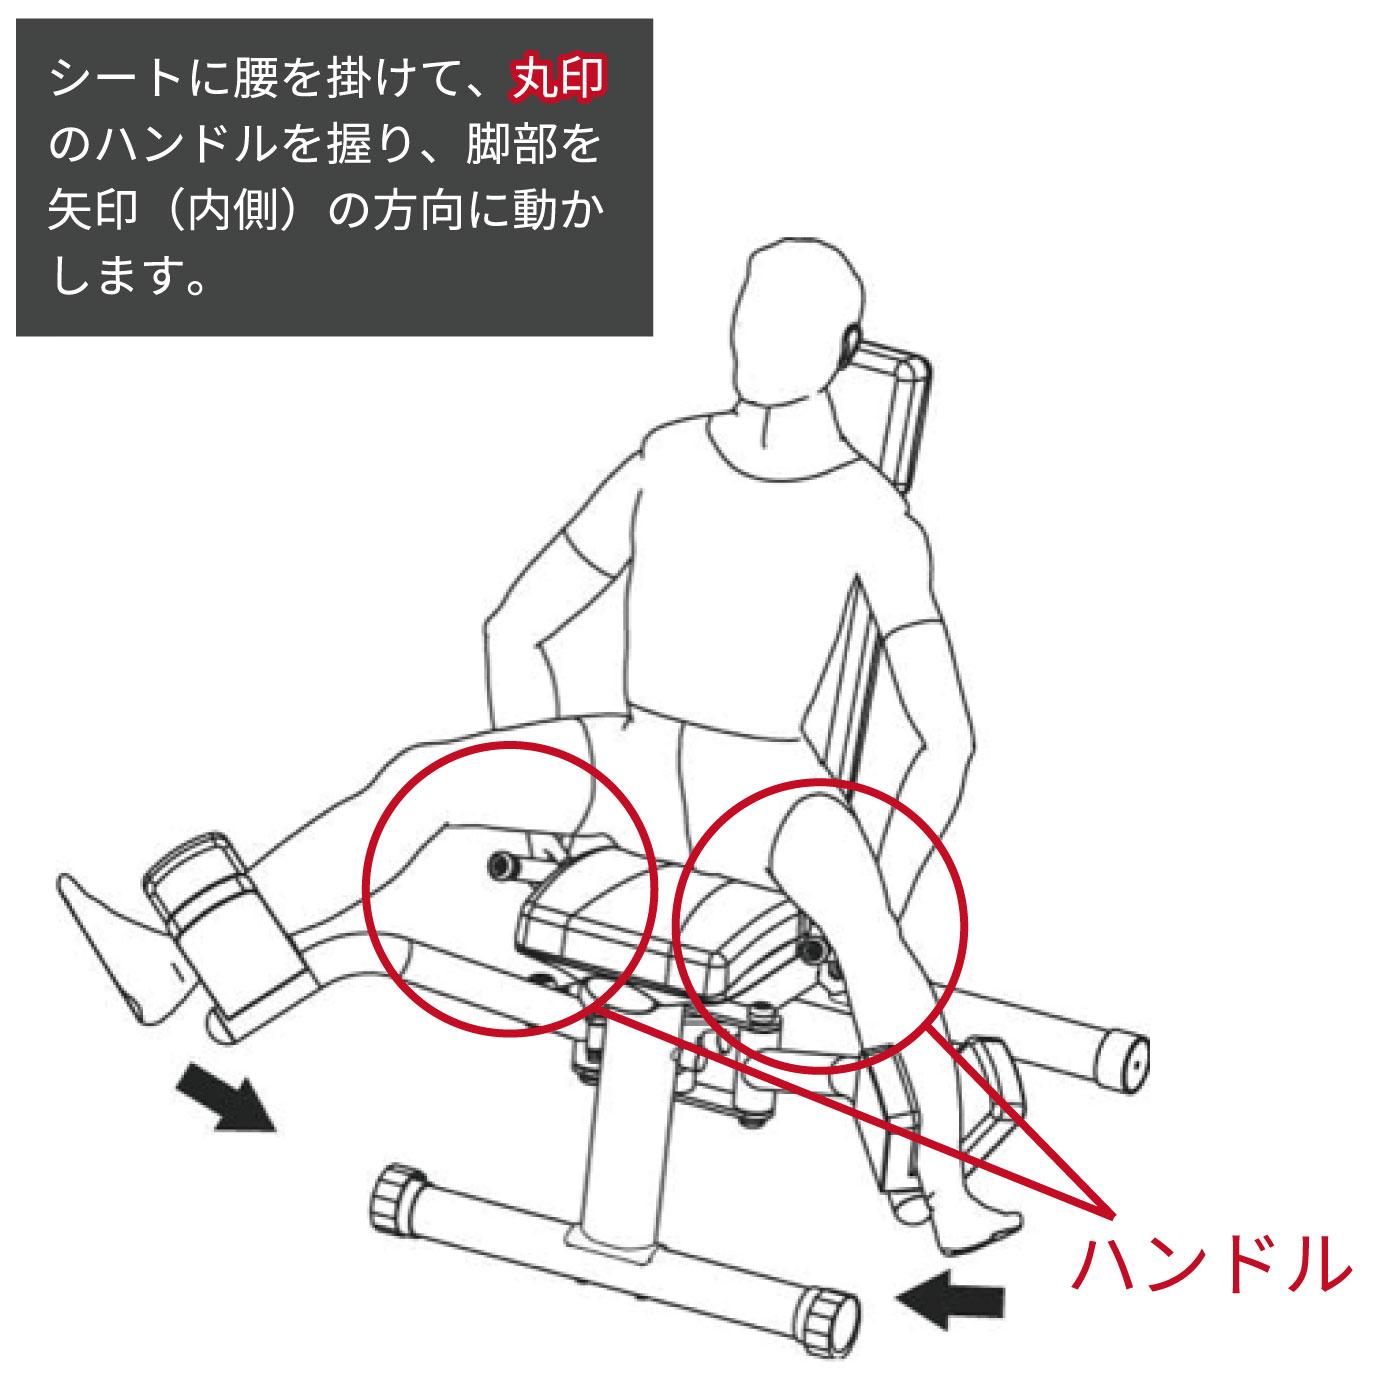 DK-1204のトレーニング方法